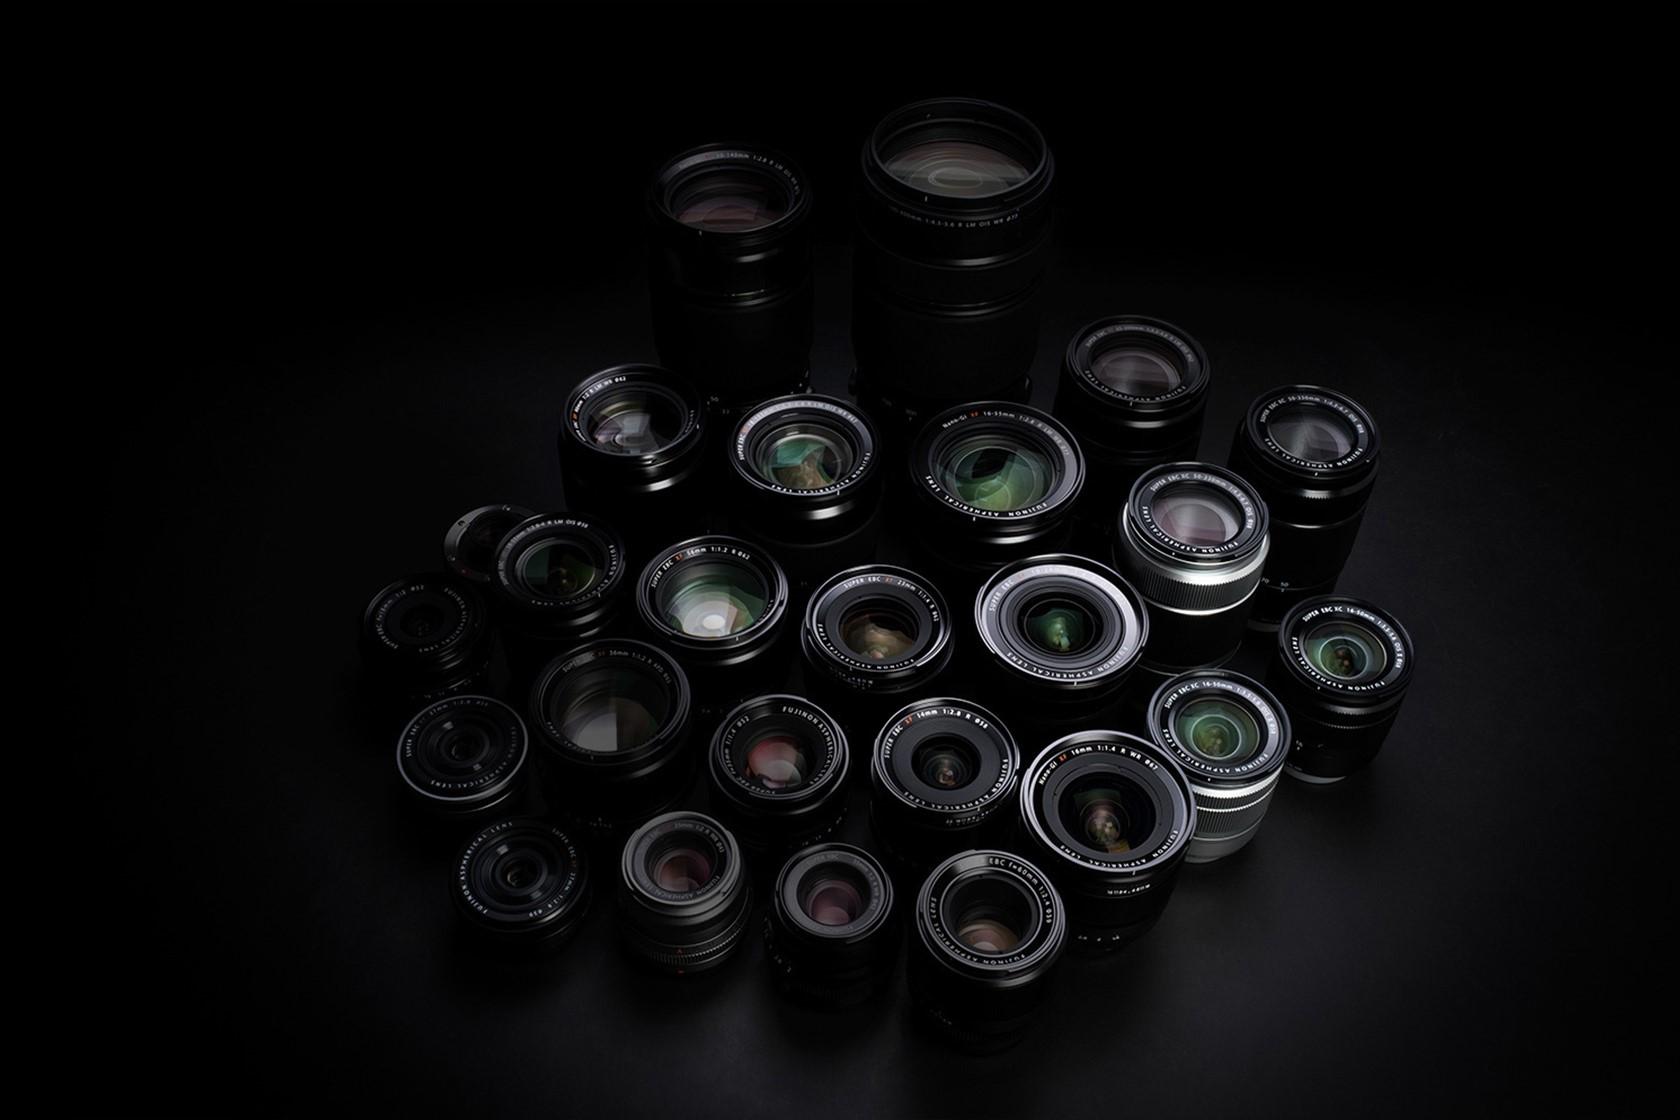 Colagem de lentes FUJINON de alto desempenho